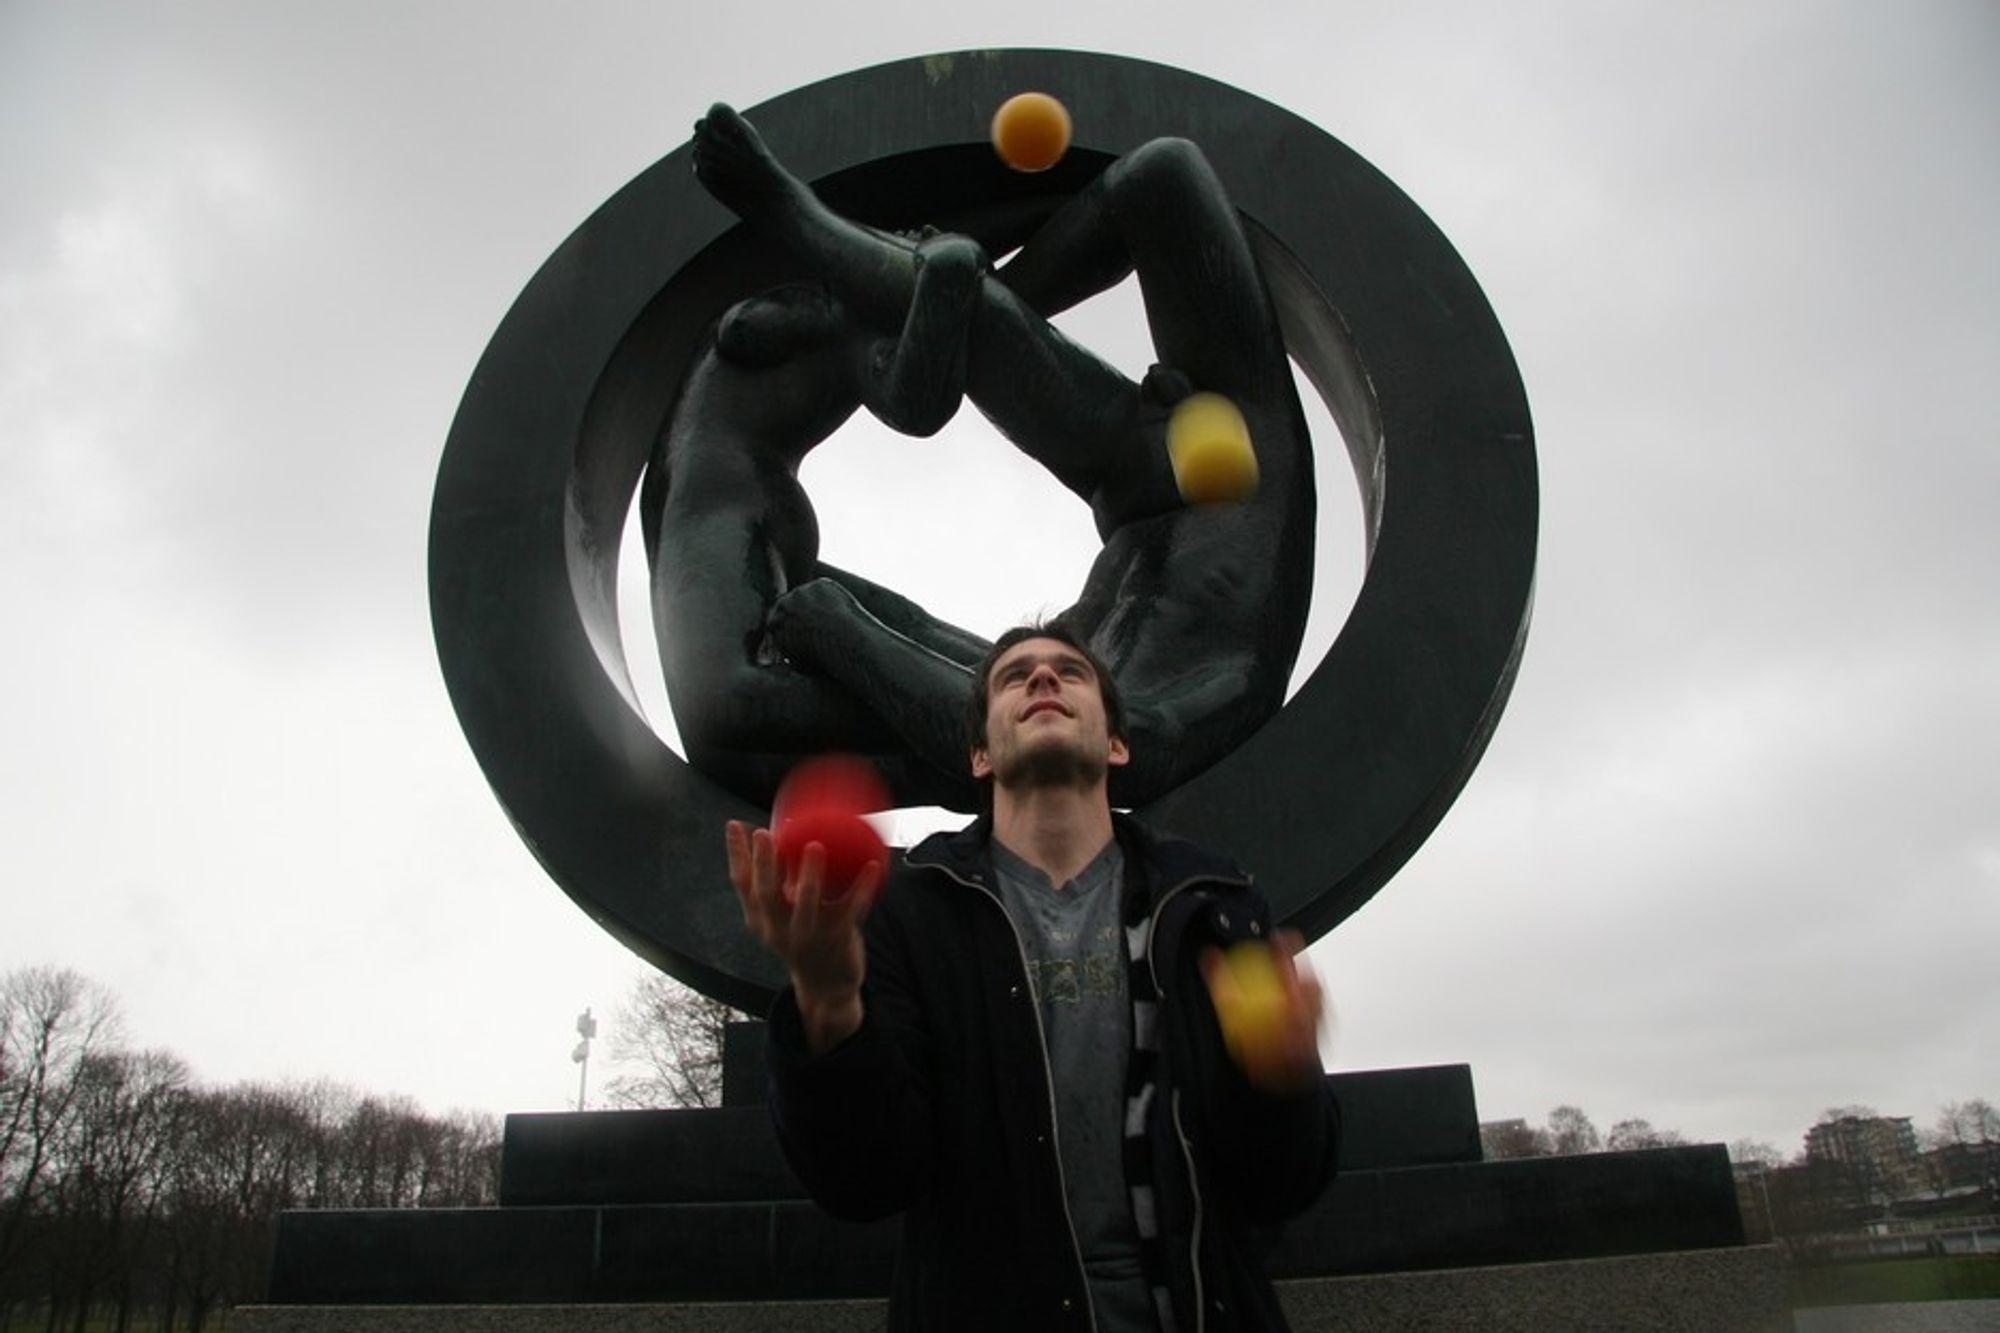 SJONGLERER: Magnus Dehli Vigeland sjonglerer gjerne med tall og baller